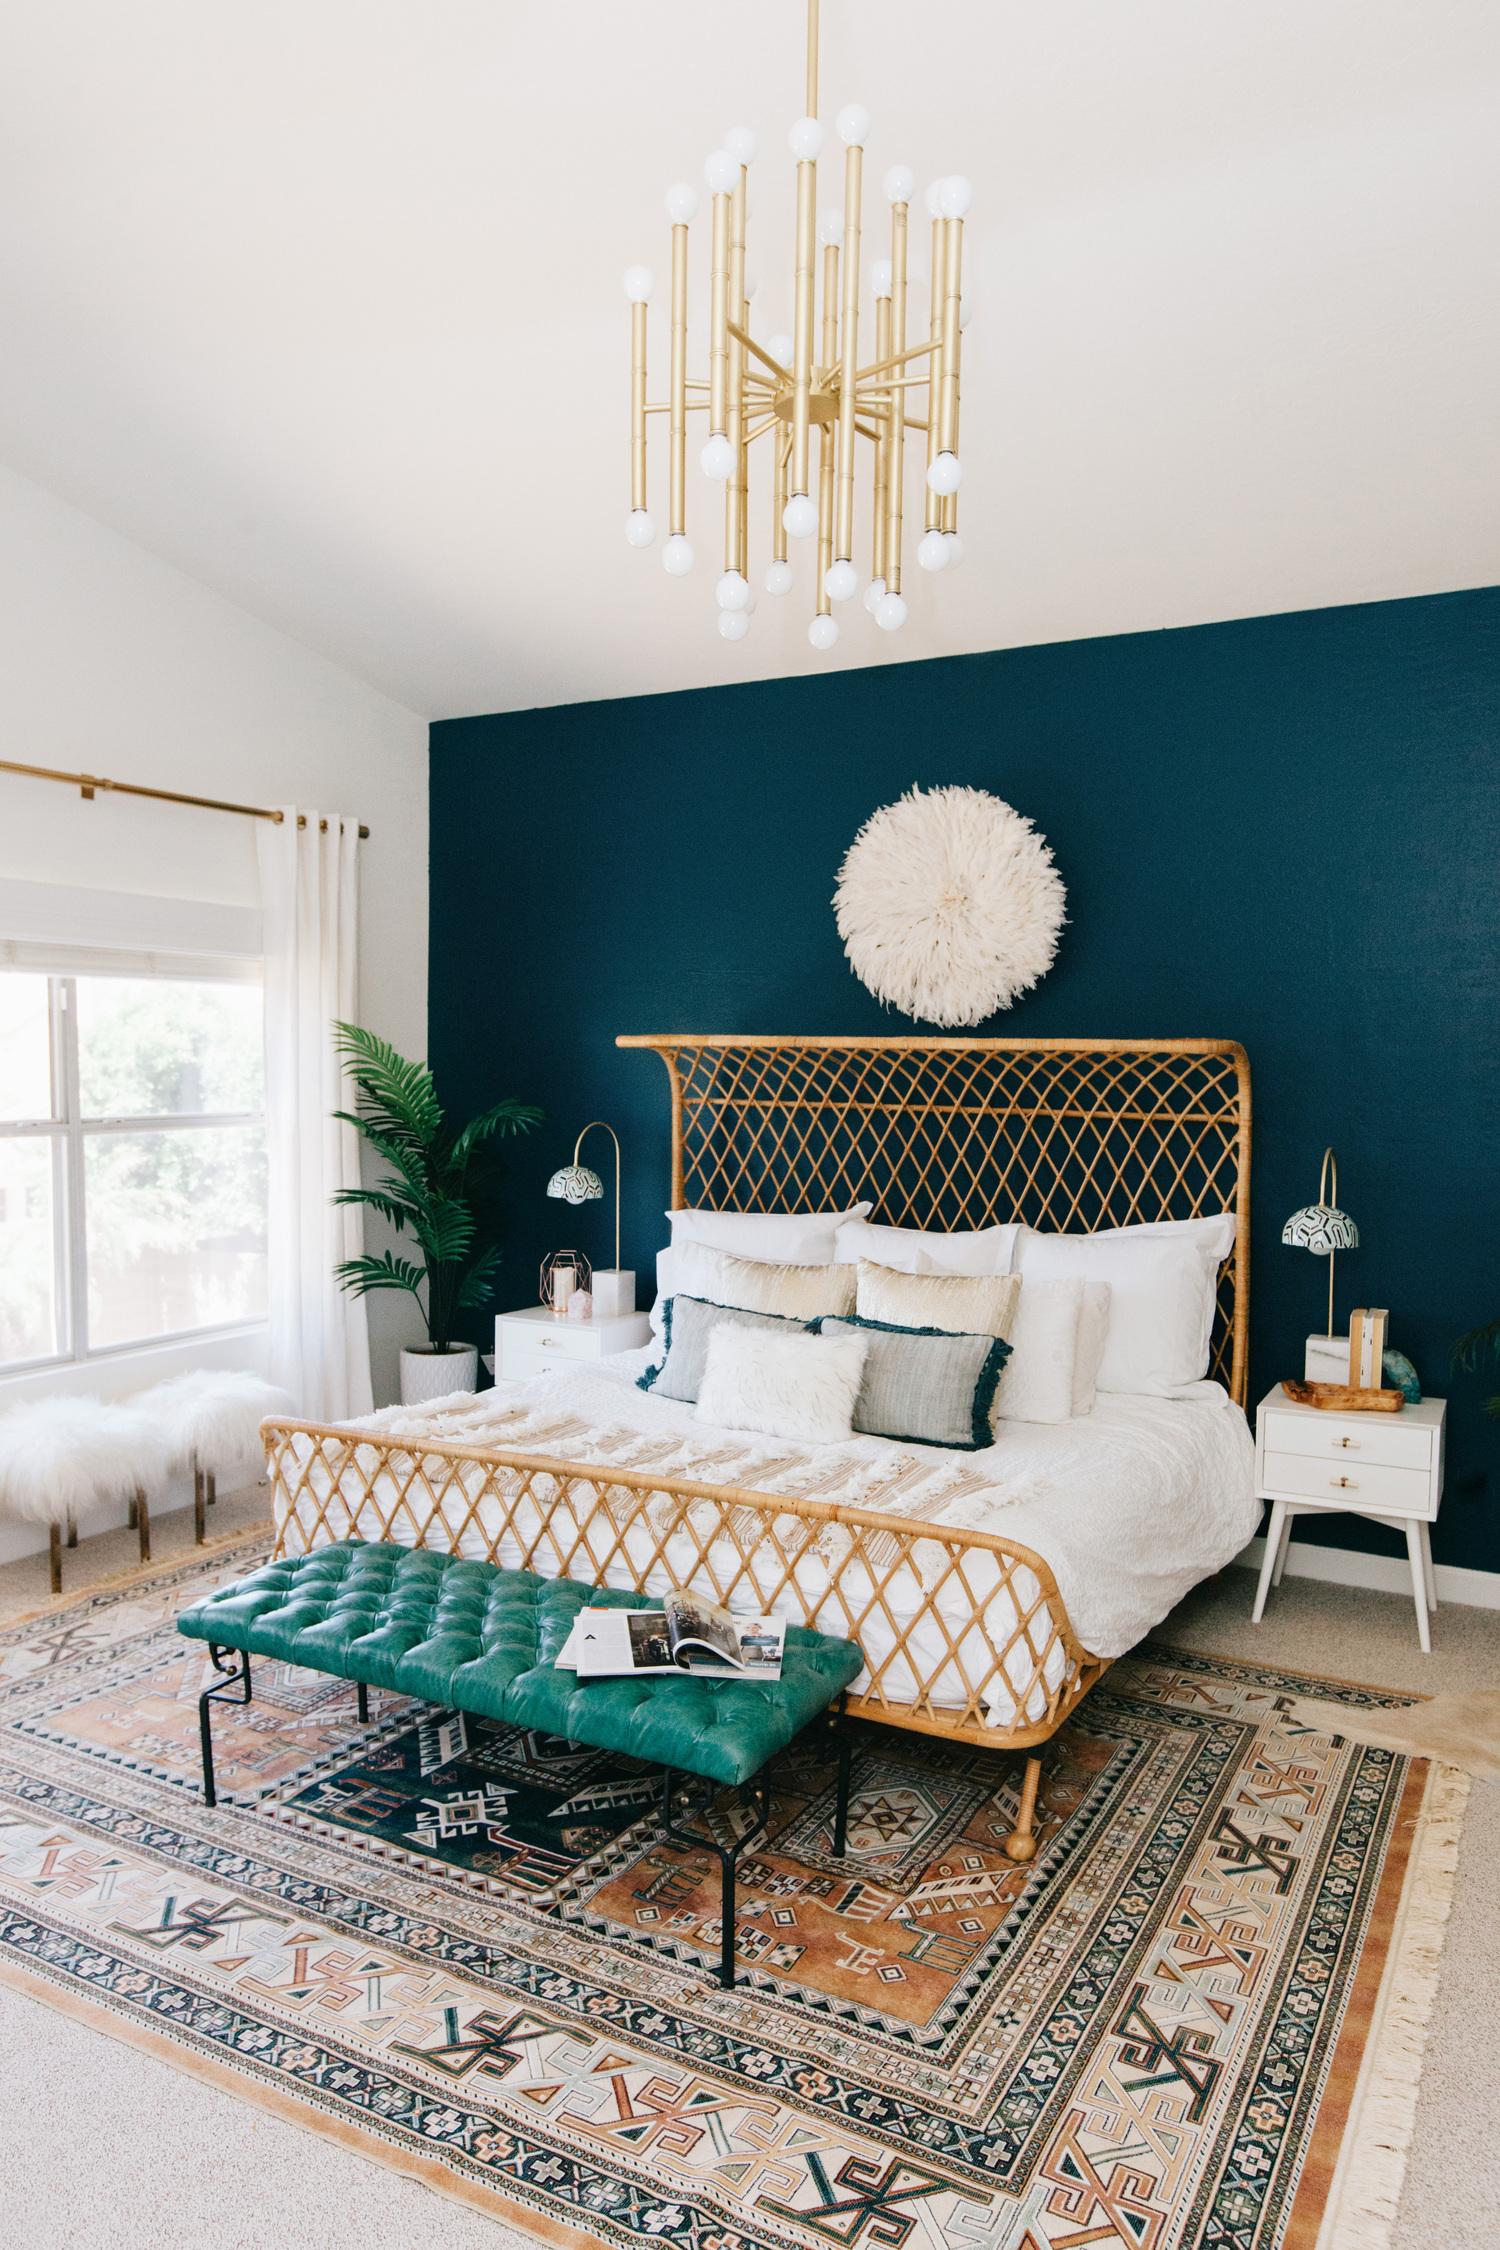 Ave Style Bedroom. Winner of Pinterest 2018 Home Awards